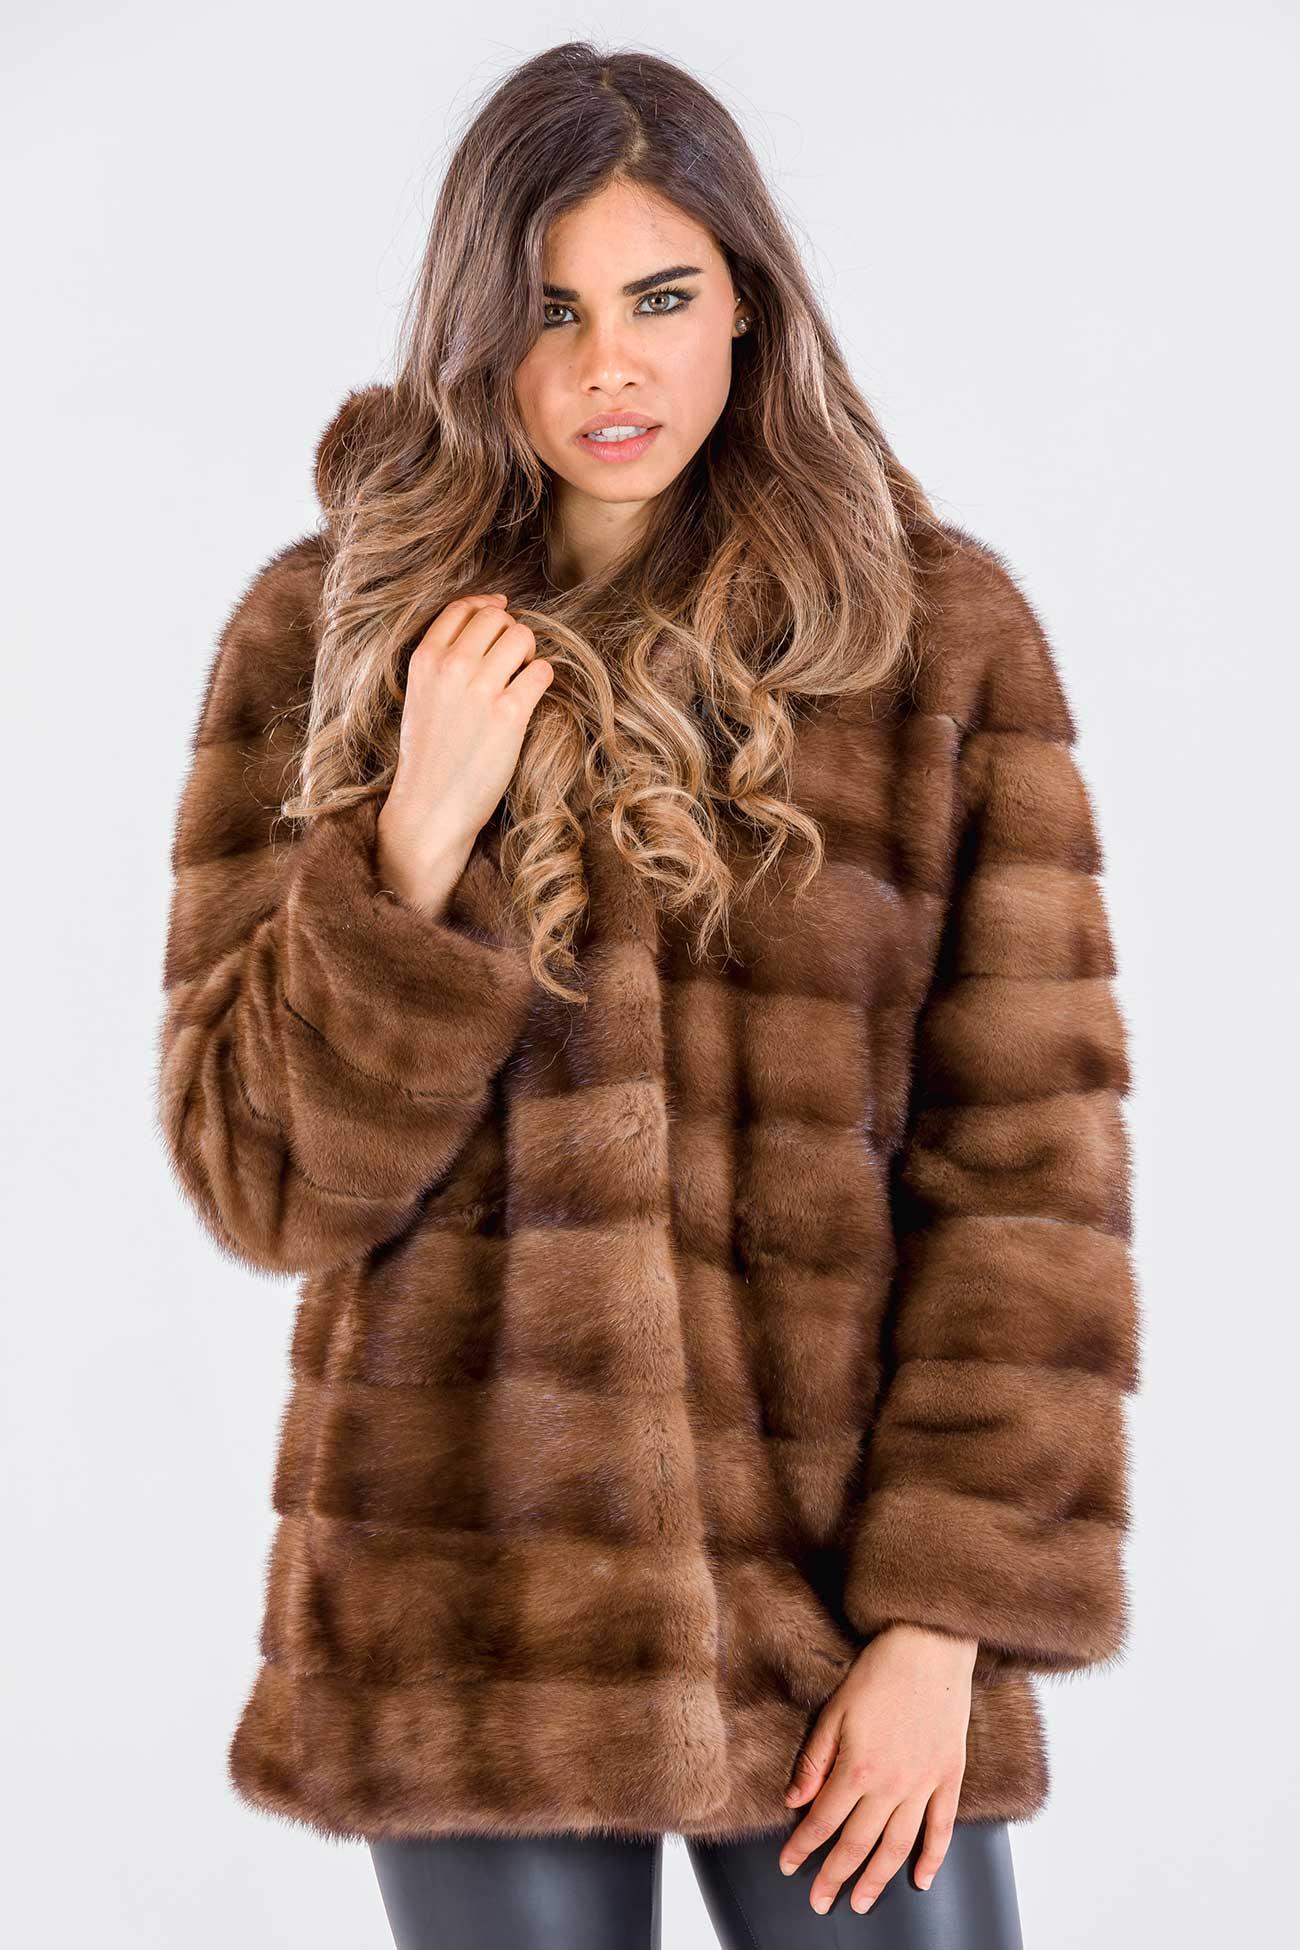 Hooded demi buff mink jacket